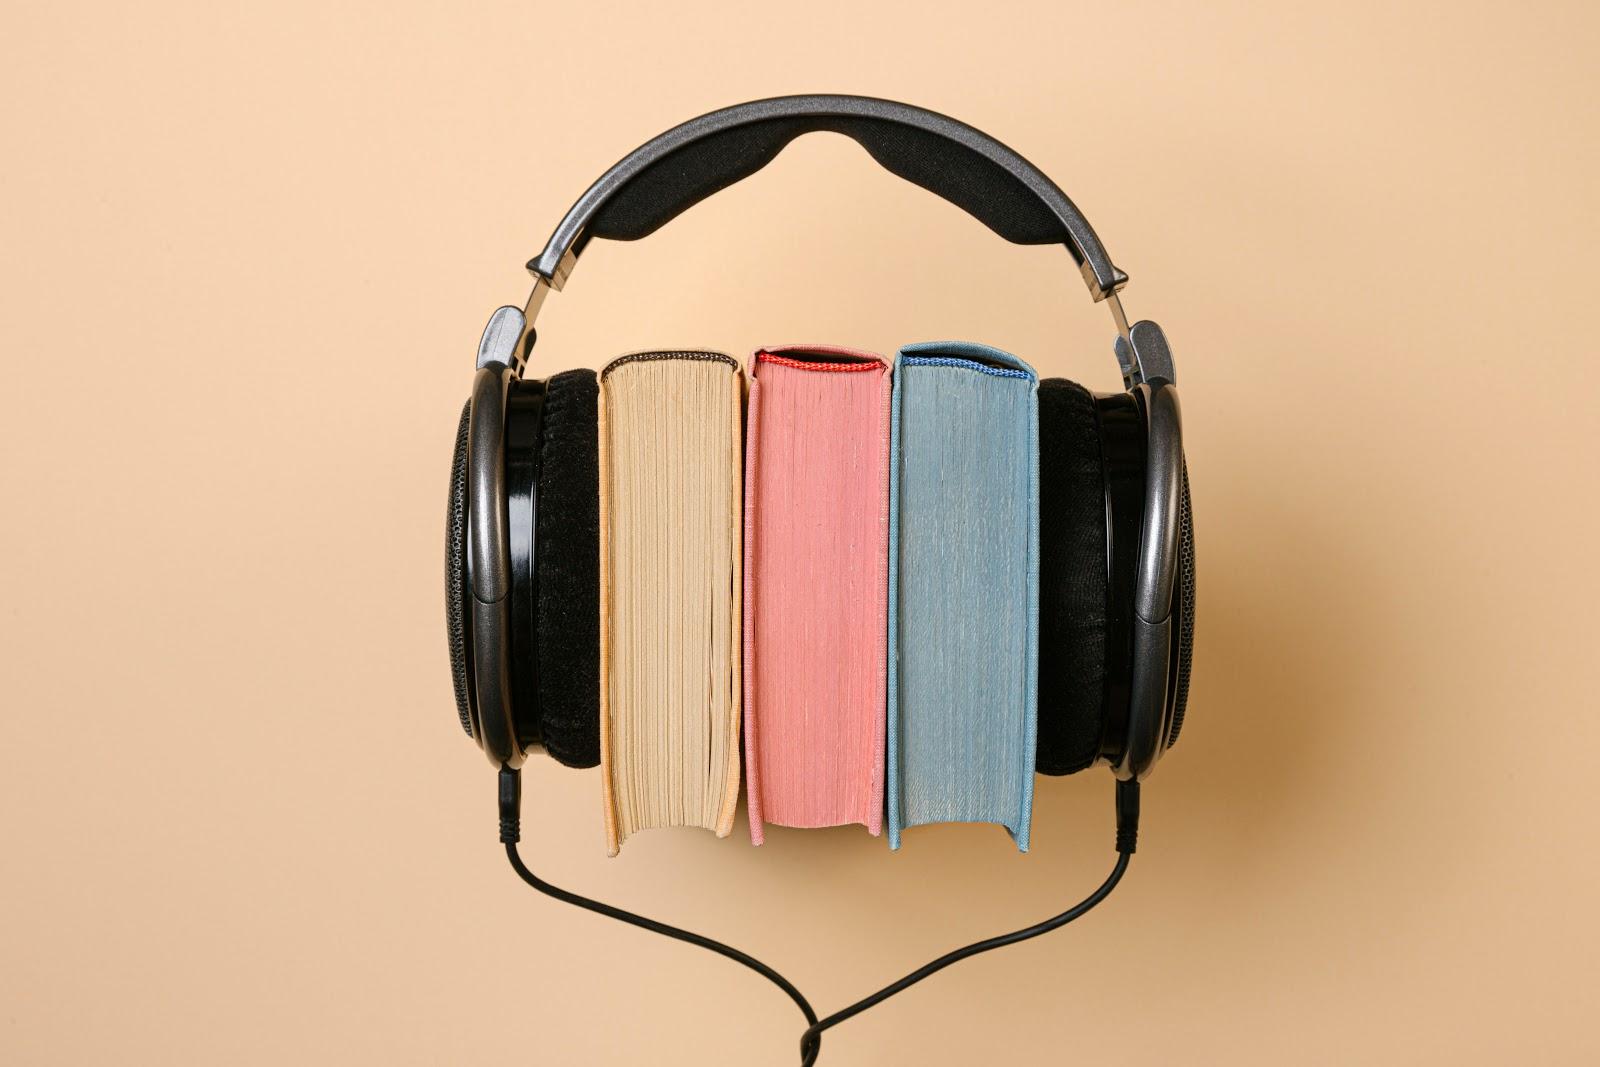 5 consigli per far crescere il pubblico del tuo podcast: 3. Scegli la copertina giusta per il tuo podcast